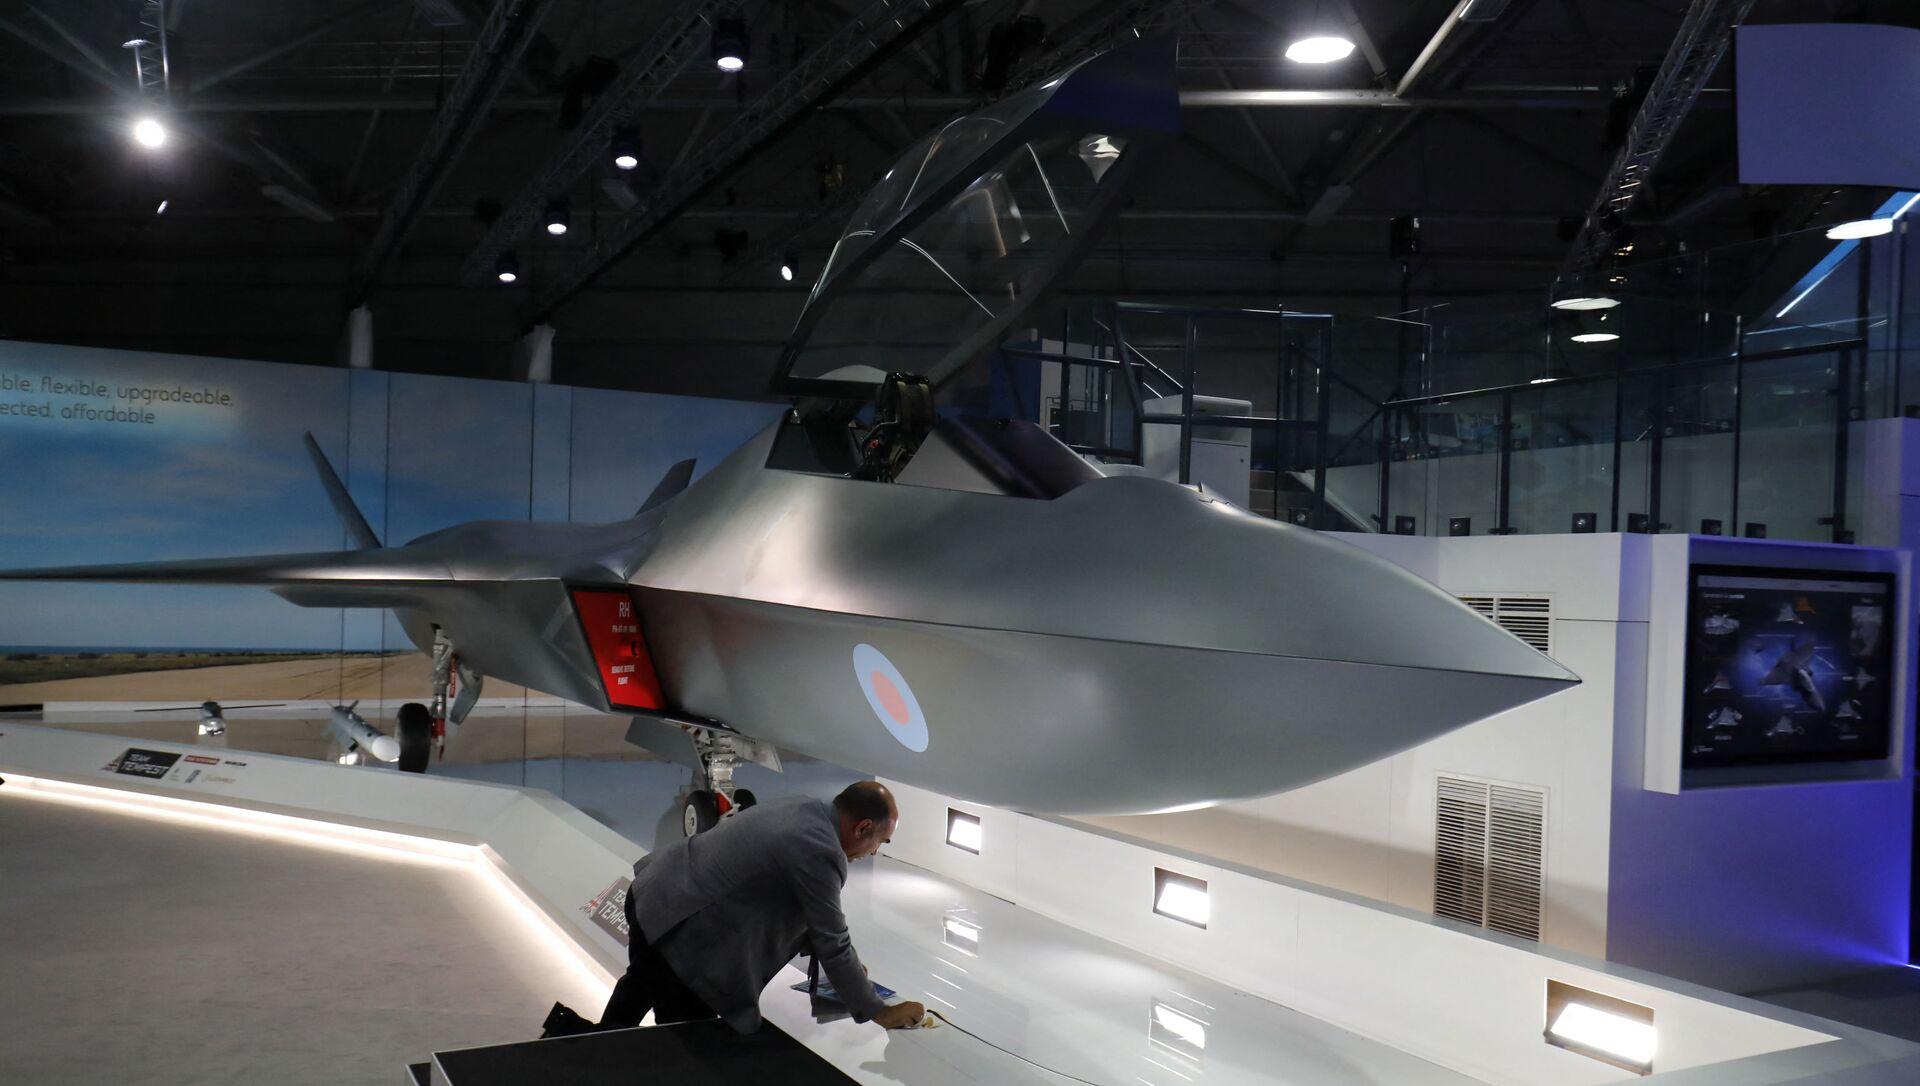 Maquette du Tempest, lors de sa présentation au Farnborough Airshow le 16 juillet 2018. - Sputnik France, 1920, 12.08.2021